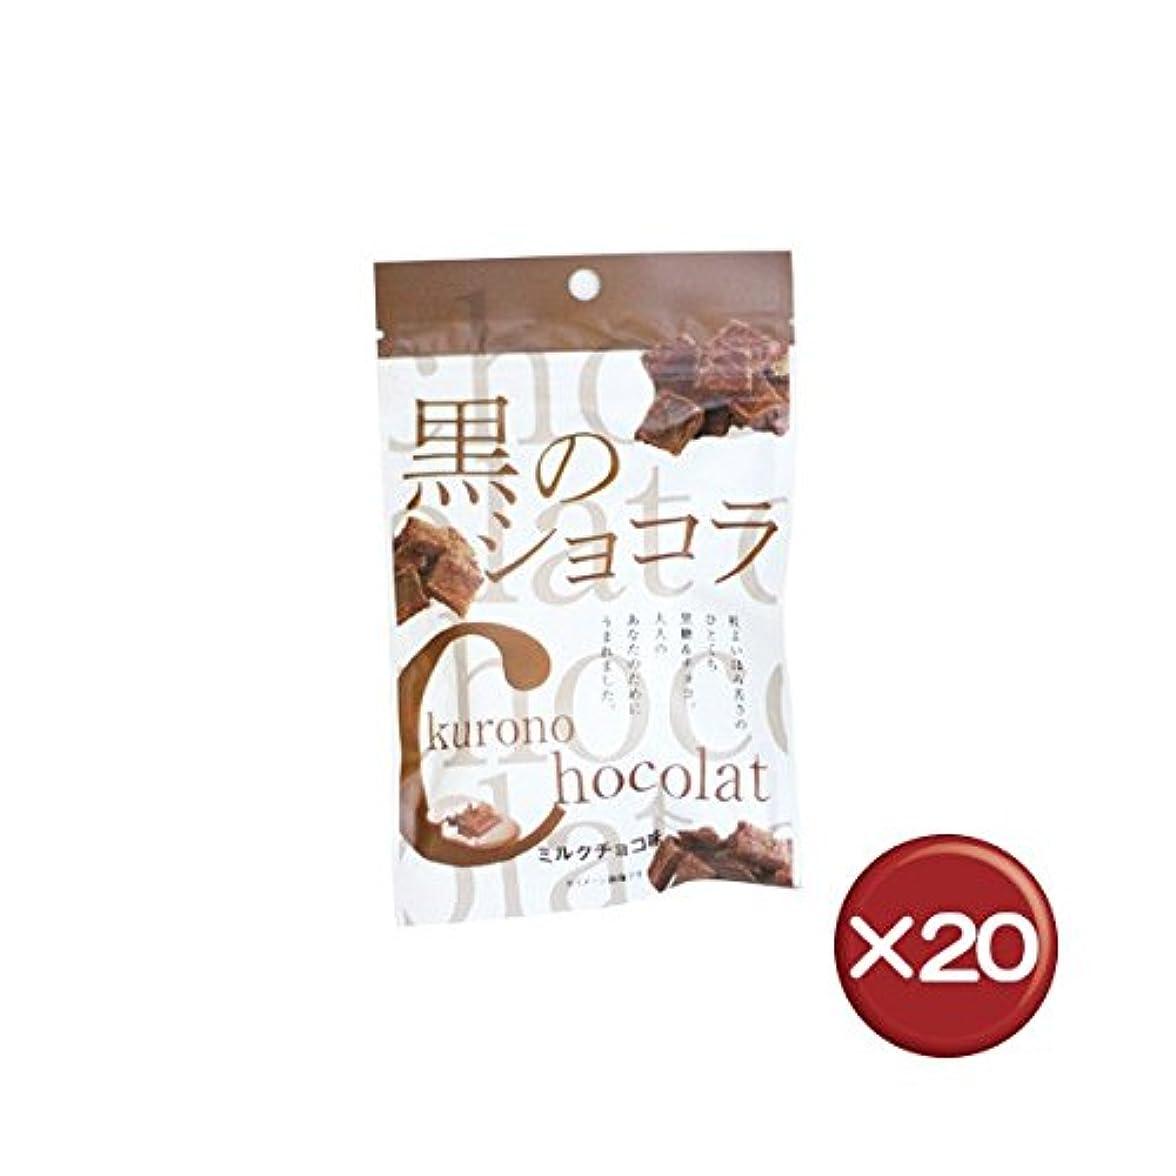 ピッチ順応性のある民兵琉球黒糖 黒のショコラ ミルクチョコ味 20袋セット